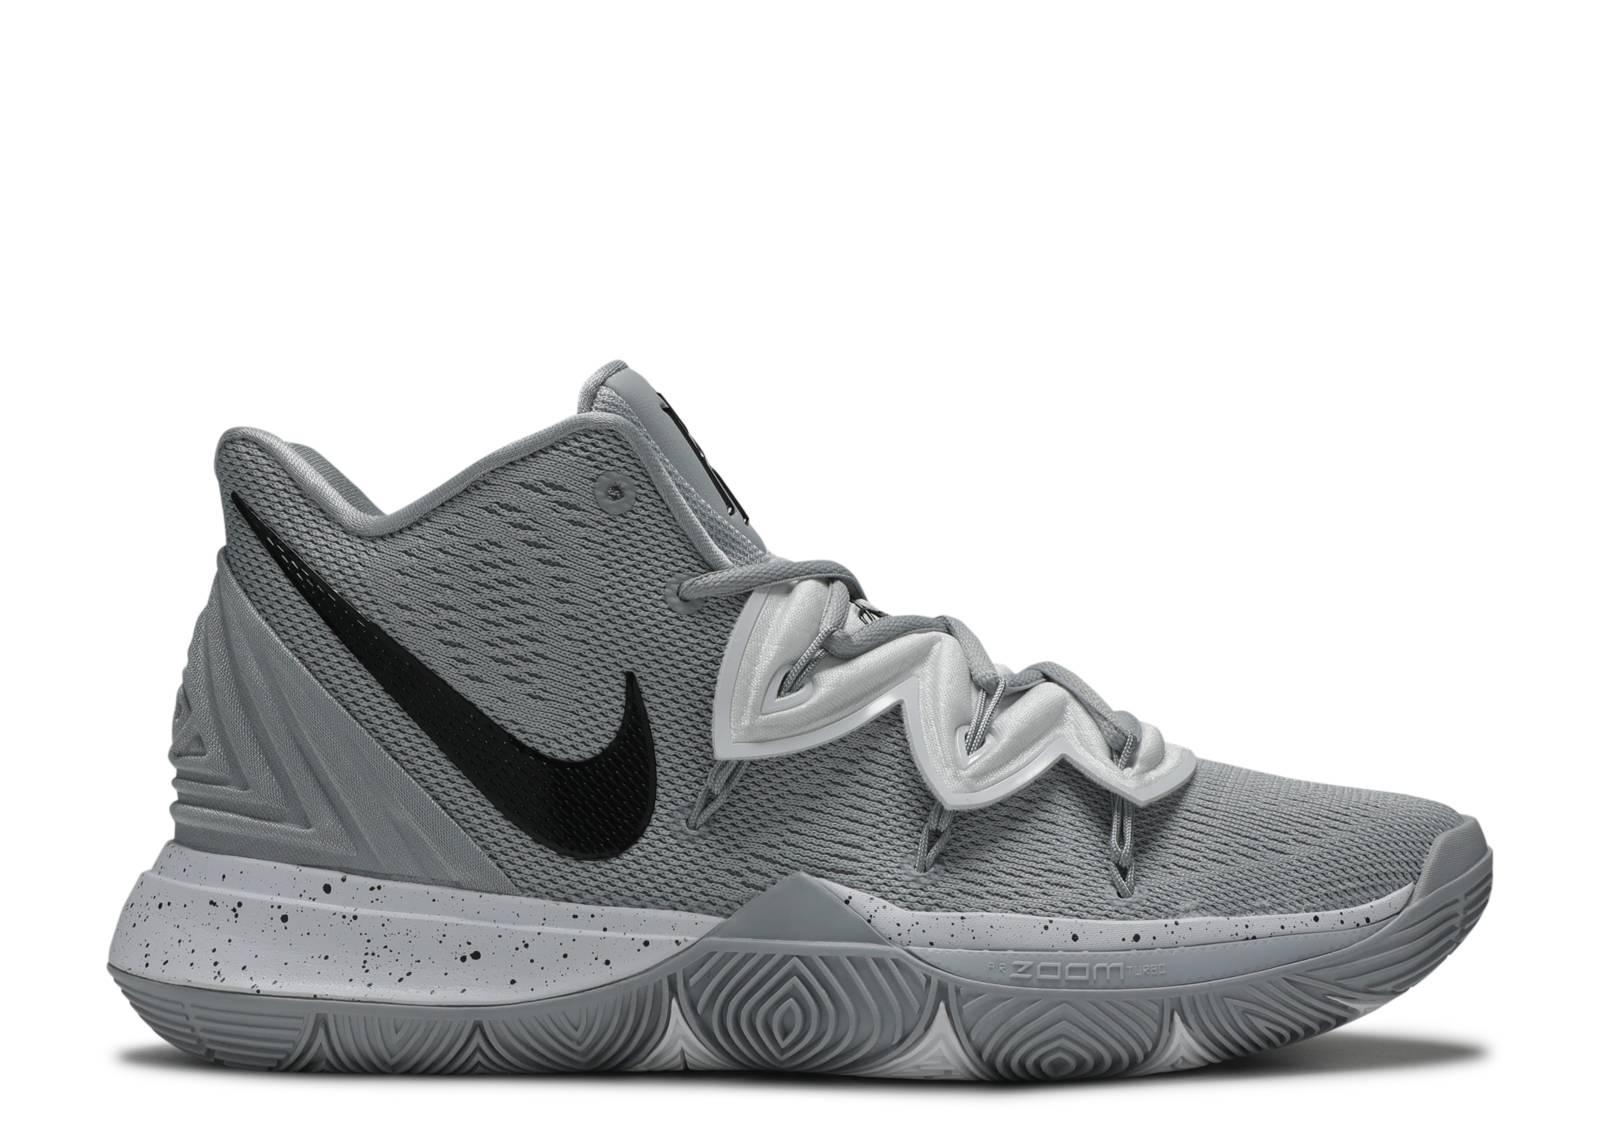 Kyrie 5 TB 'Wolf Grey' - Nike - CN9519